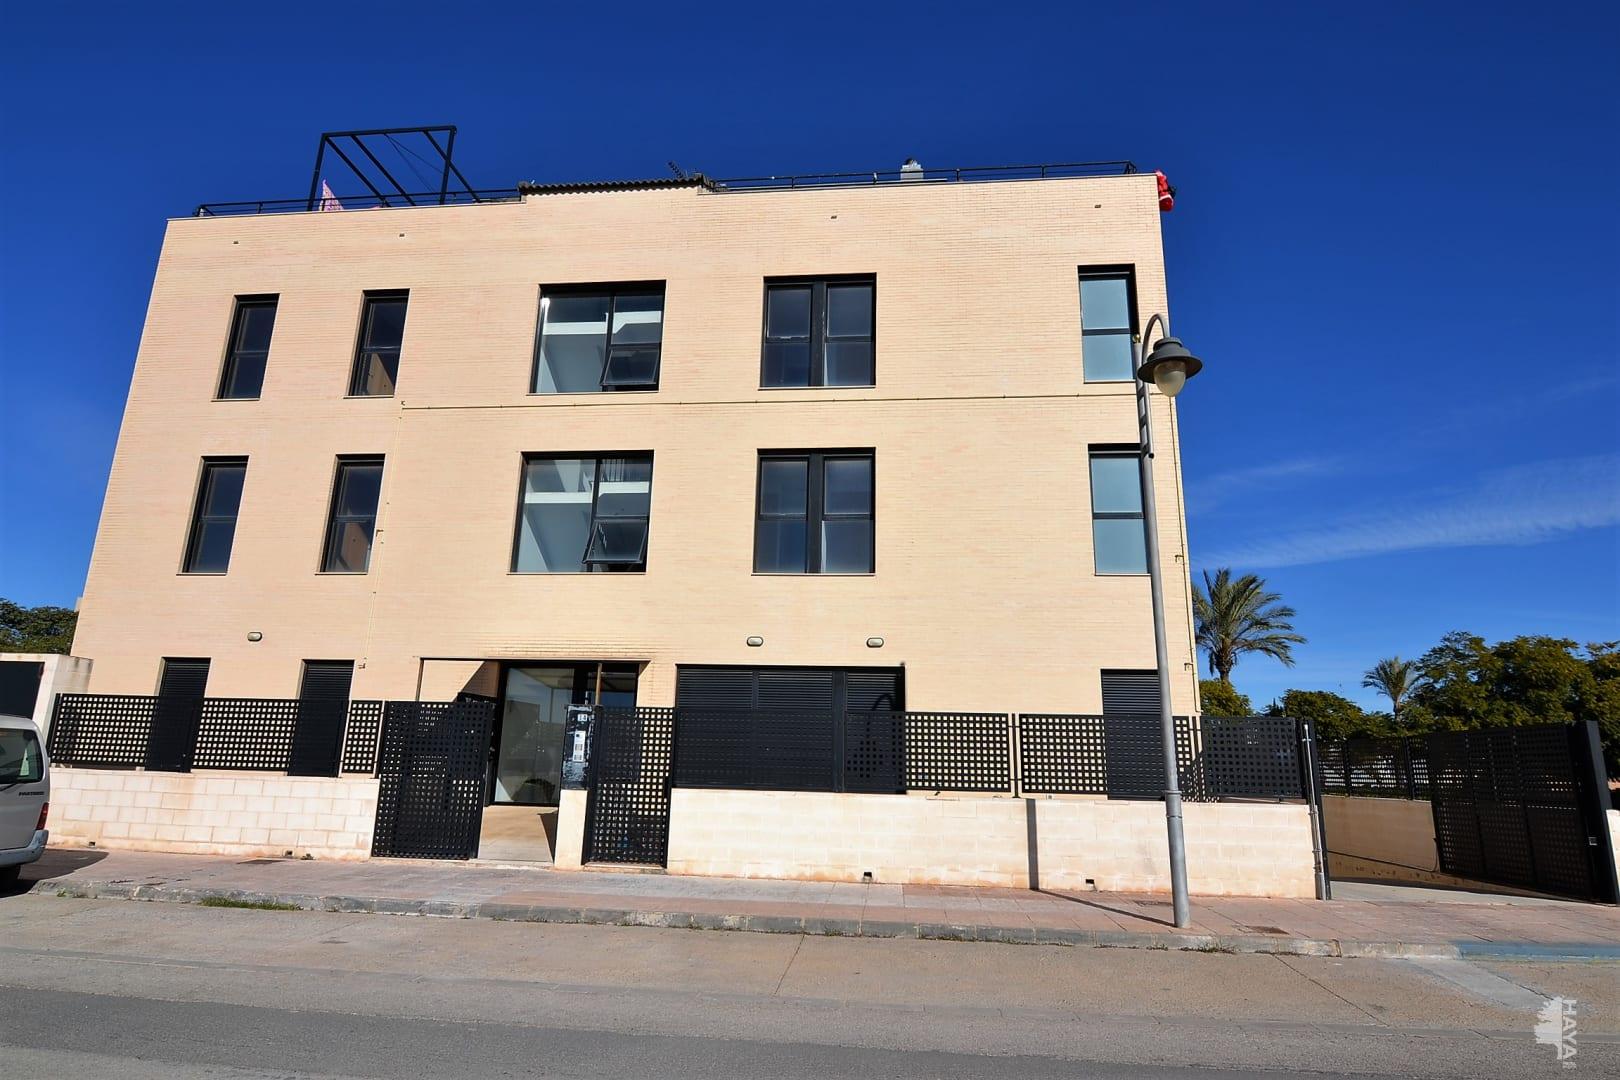 Piso en venta en Museros, Museros, Valencia, Avenida Senyera La, 110.700 €, 2 habitaciones, 2 baños, 57 m2